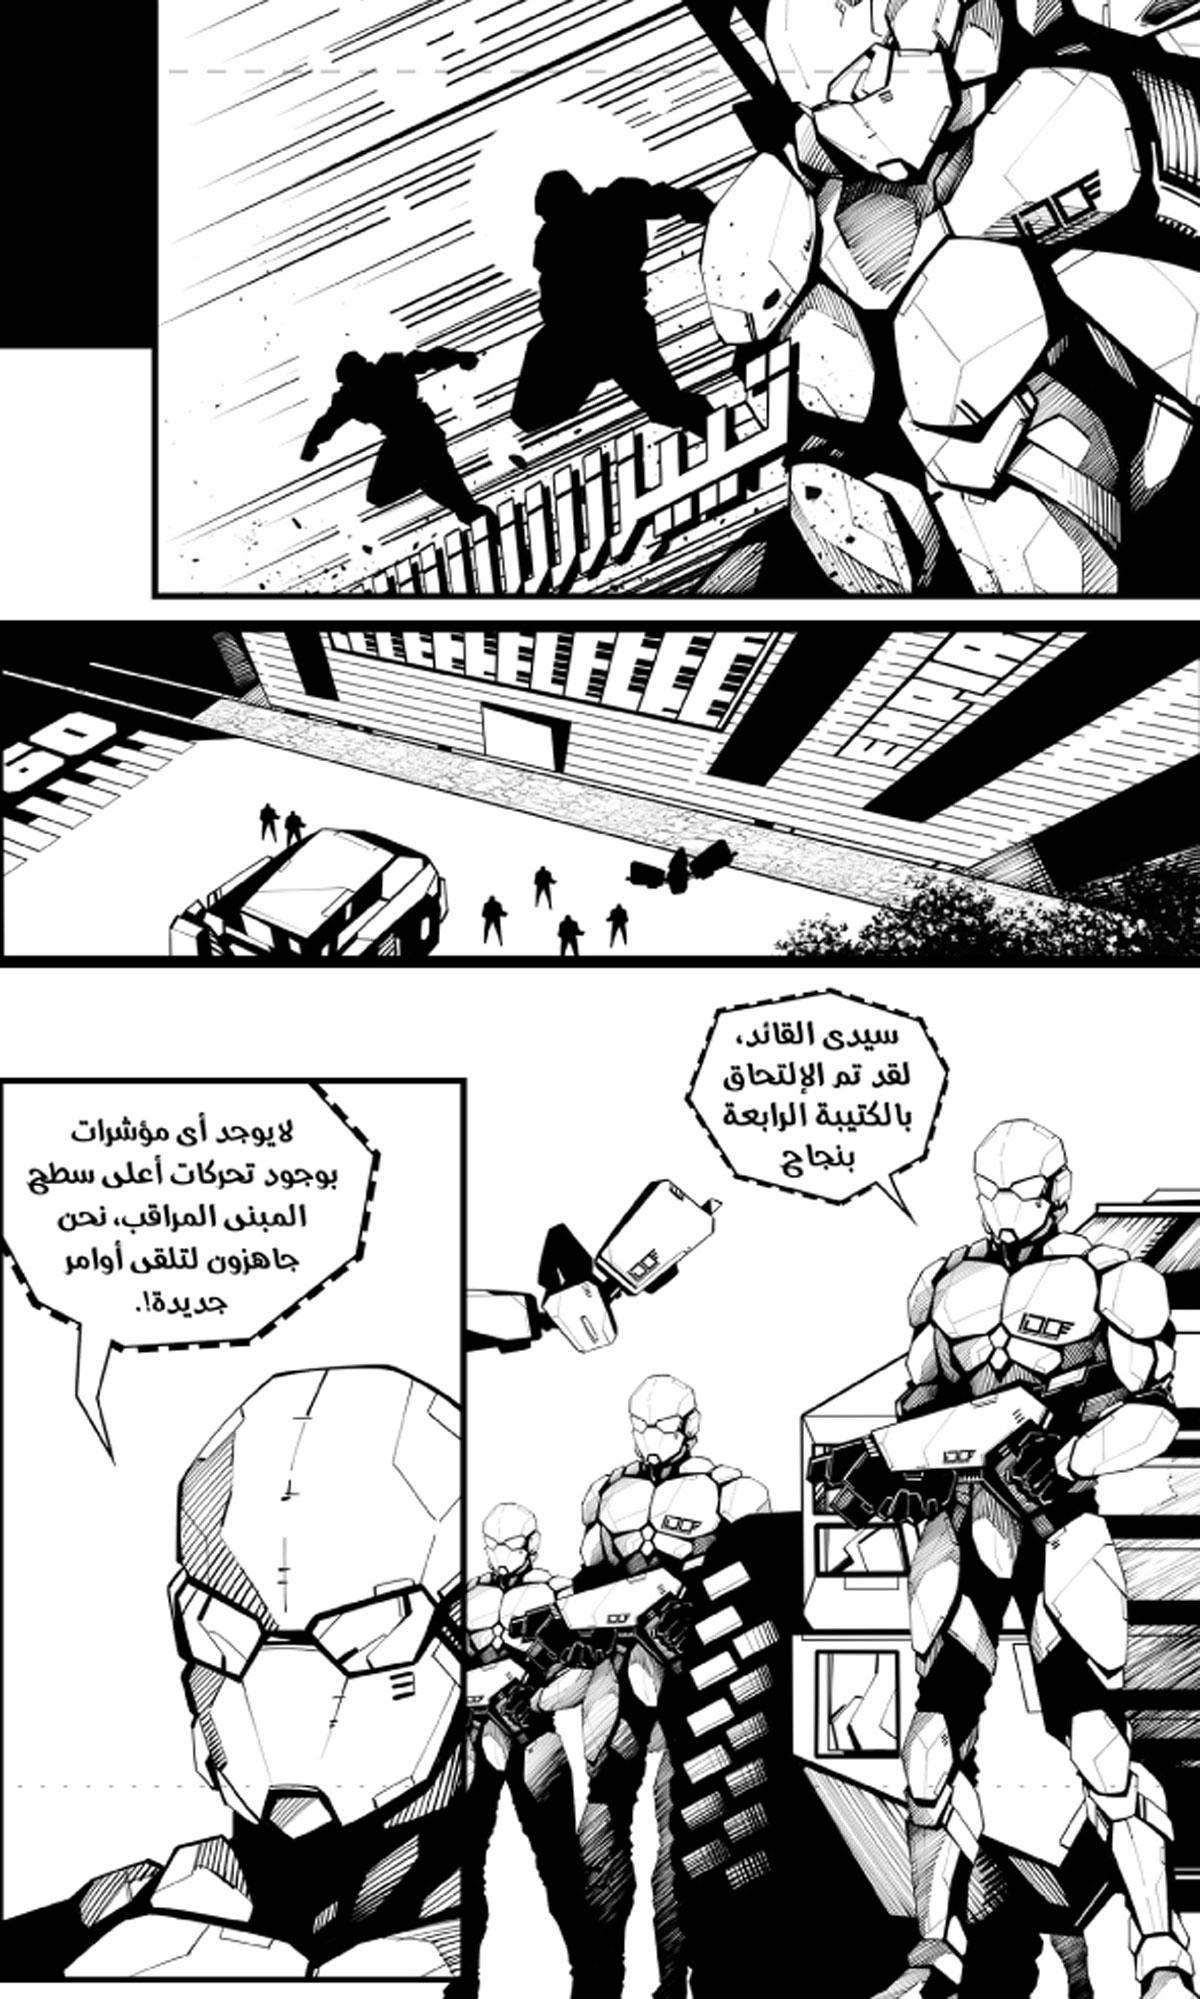 الرواية المصورة داني - الصفحة 10